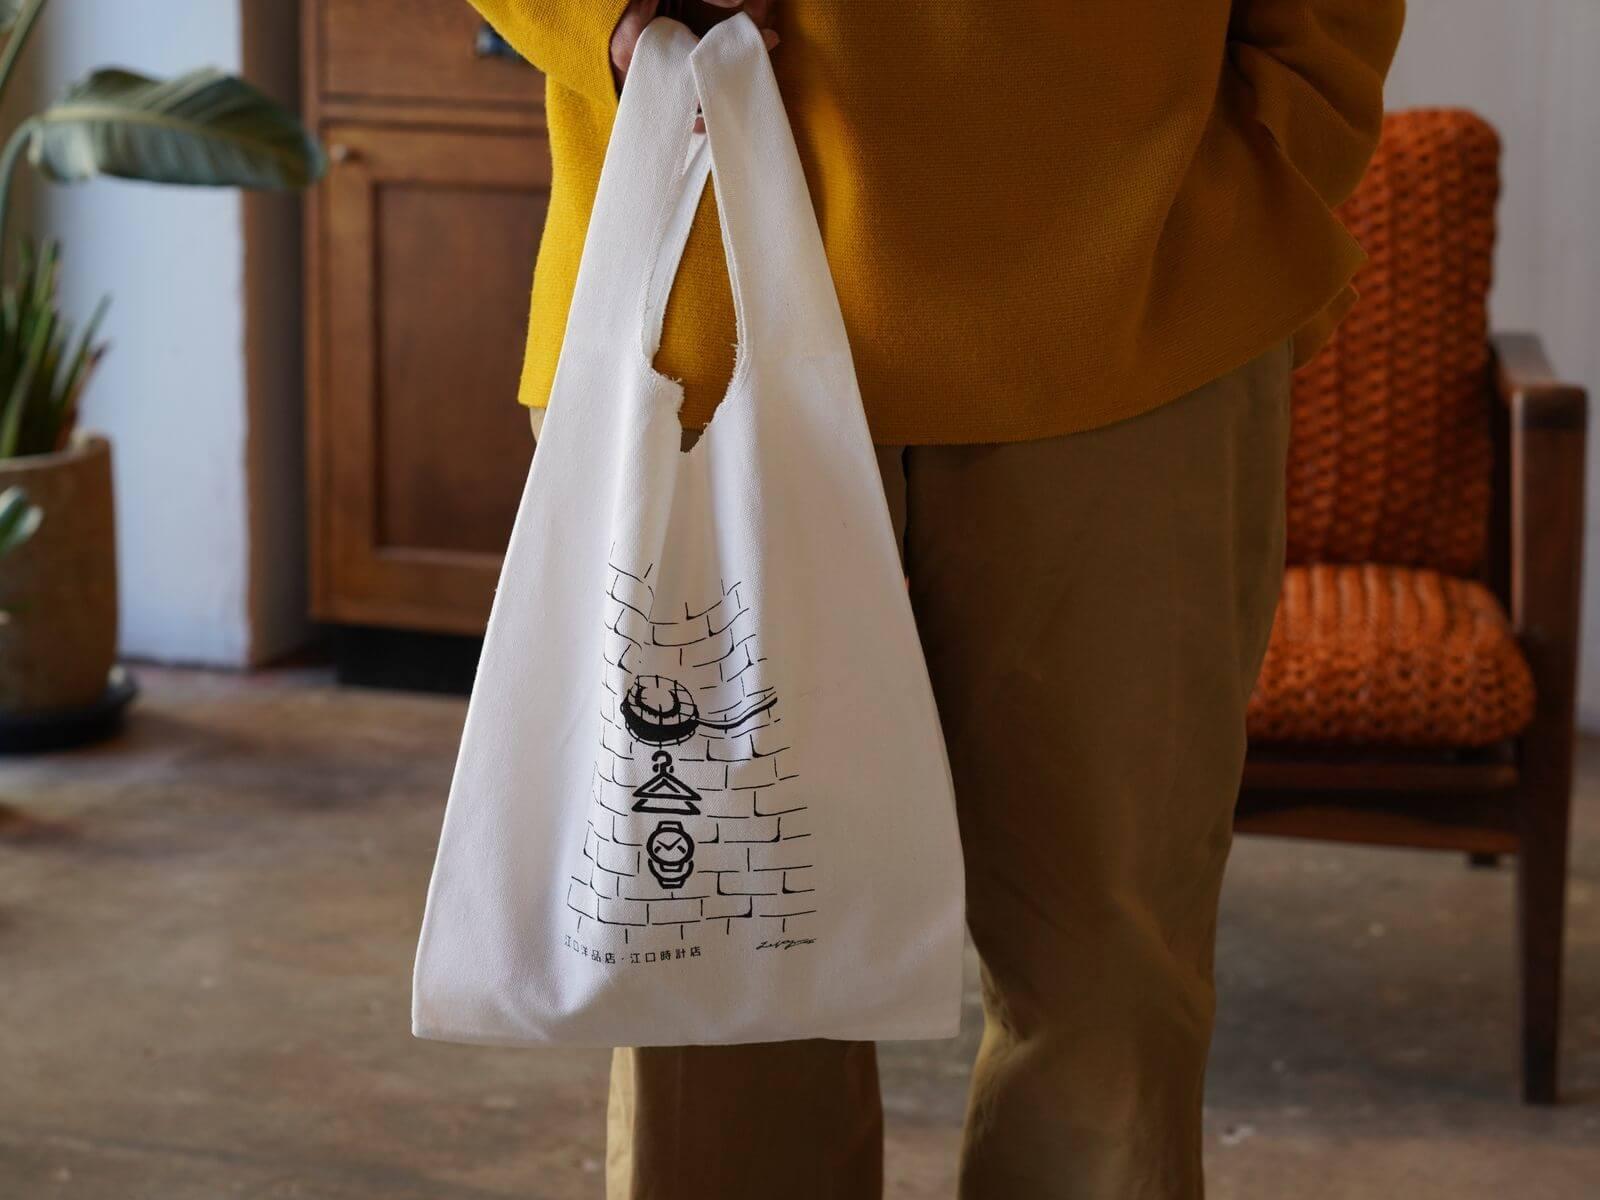 Original Marche bag